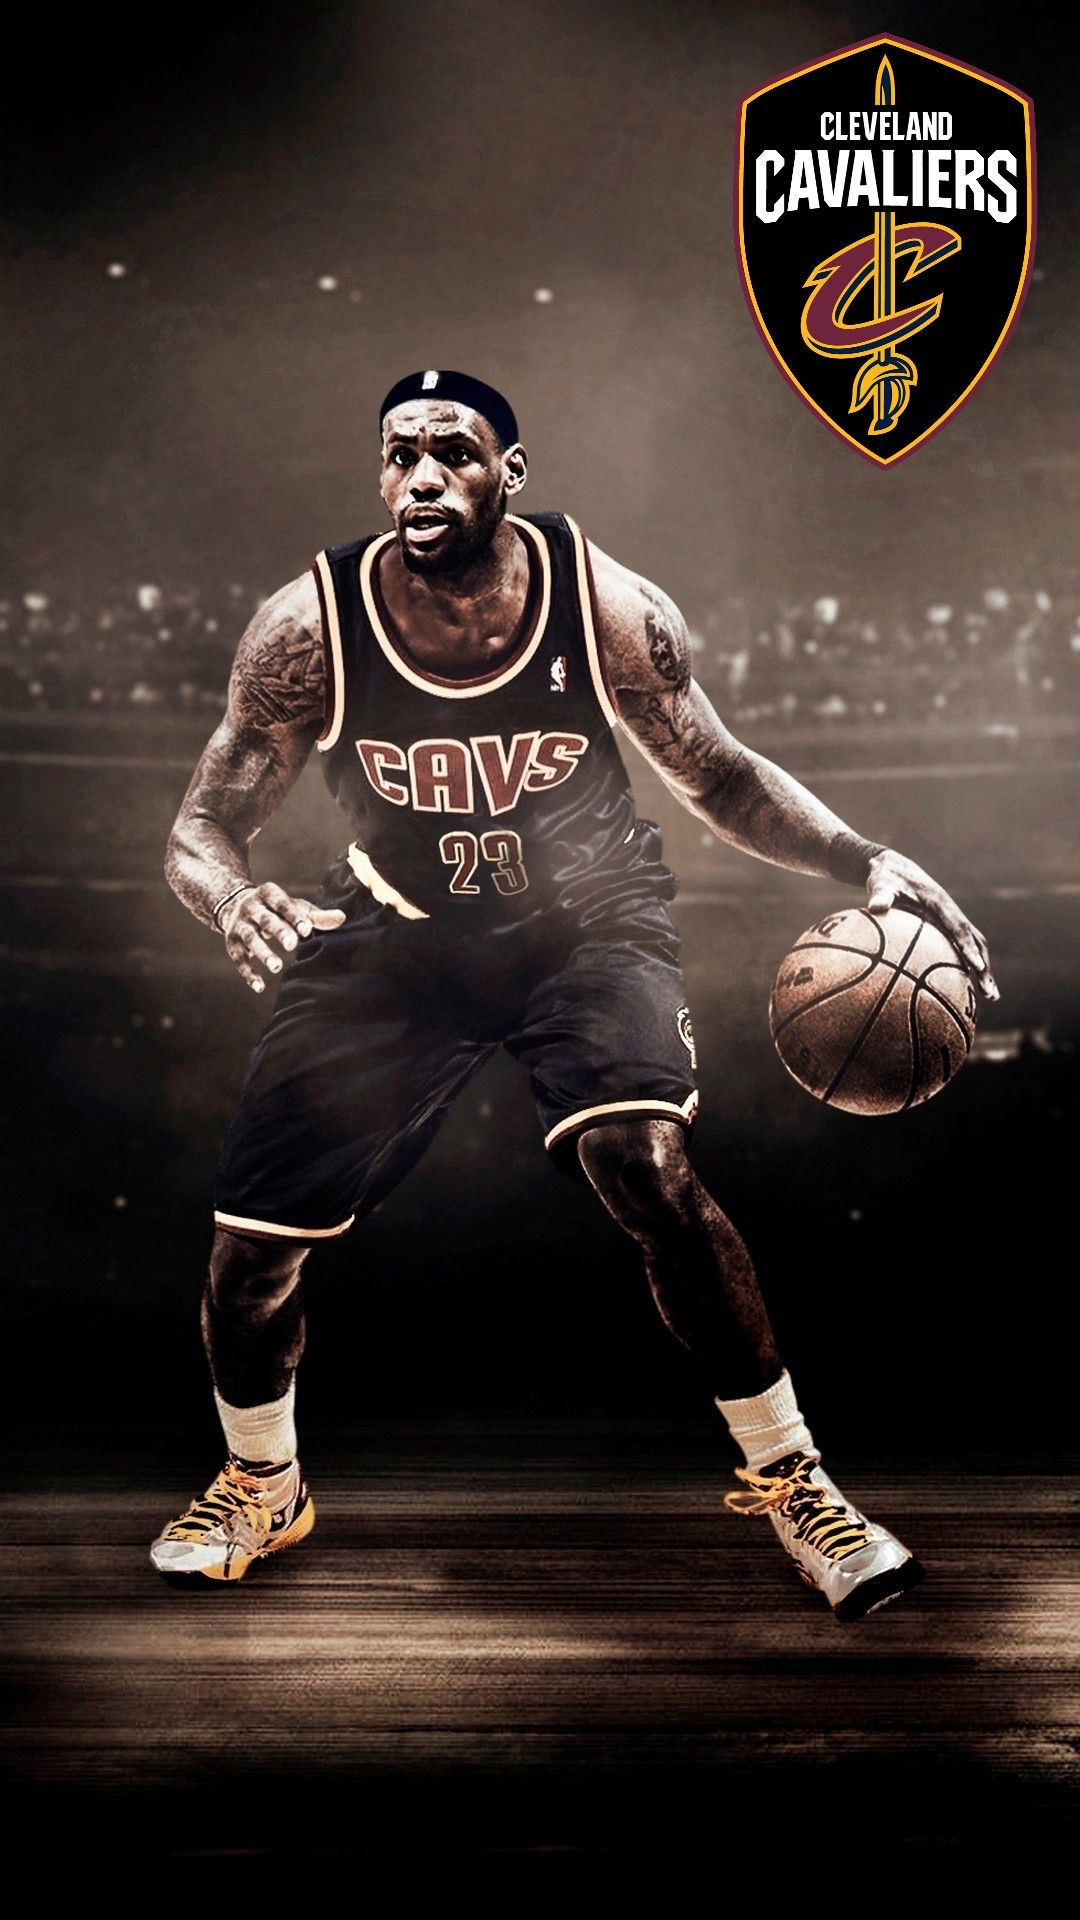 Wallpaper Cleveland Cavaliers Nba Mobile 2021 Basketball Wallpaper Cleveland Cavaliers Lebron Cavaliers Nba Lebron James